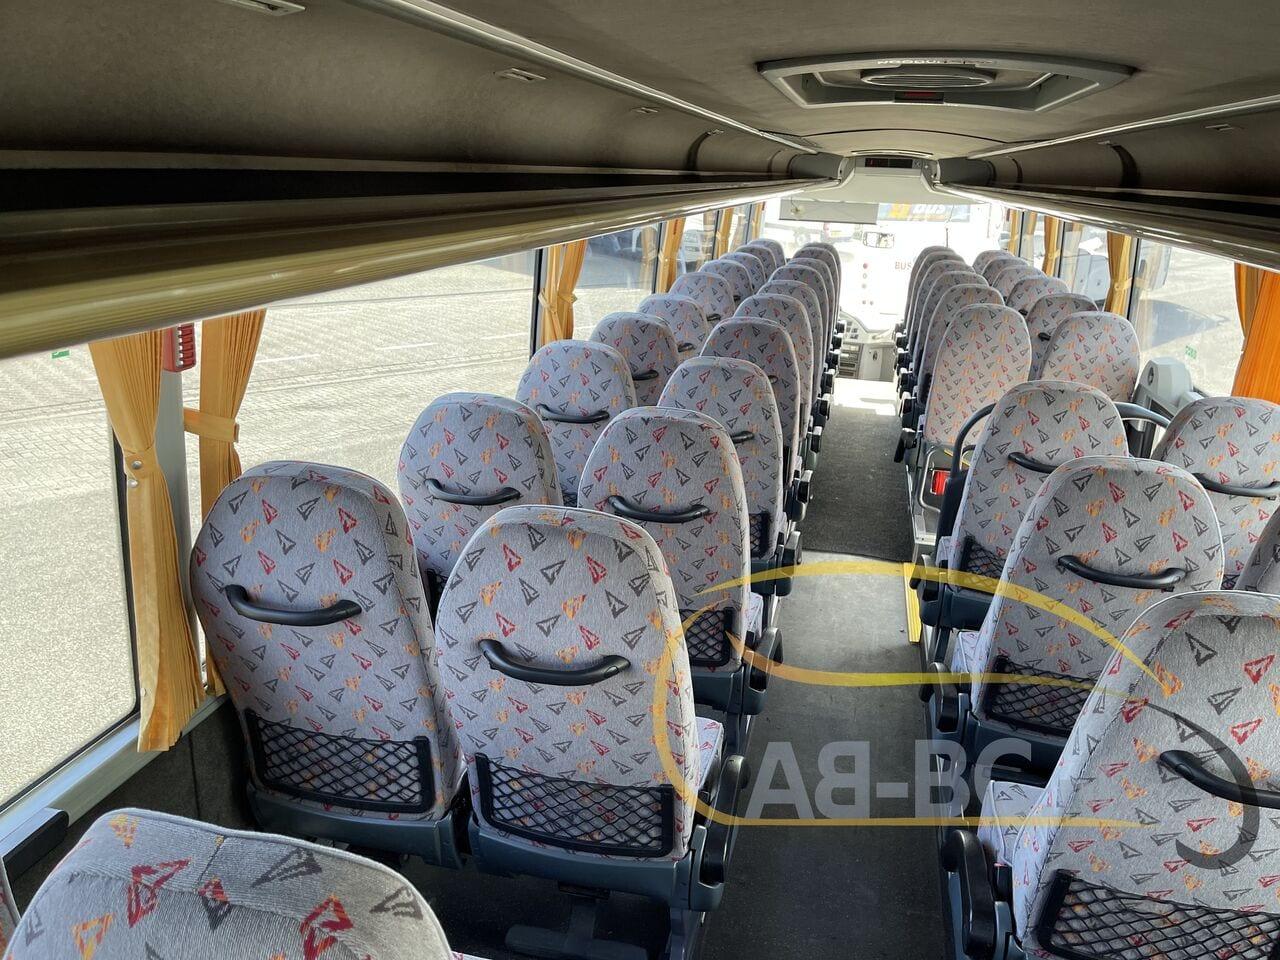 coach-busTEMSA-Safari-RD-53-Seats-DAF-Motor-12-mtr---1616166813997198408_big_1245477a2e72a4a99dfa66c34a86f792--21031917053743807500